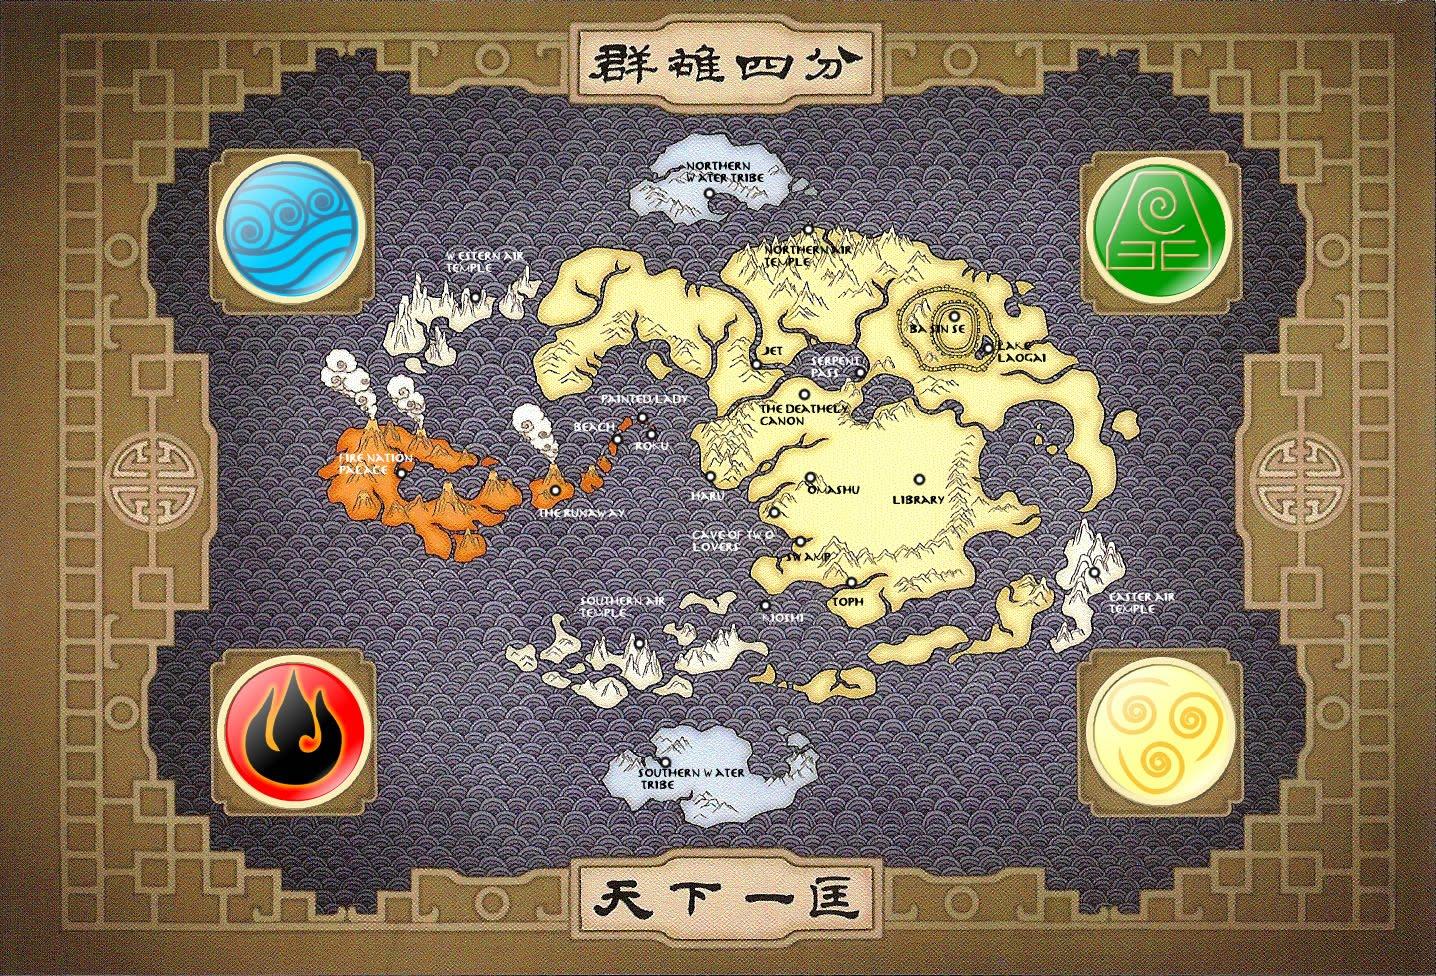 http://1.bp.blogspot.com/_1Q_8EgTDiew/S6nFI2qqtJI/AAAAAAAAArA/5_ebqZh6it4/s1600/Avatar_World_Map_Wallpaper_by_omarV.jpg